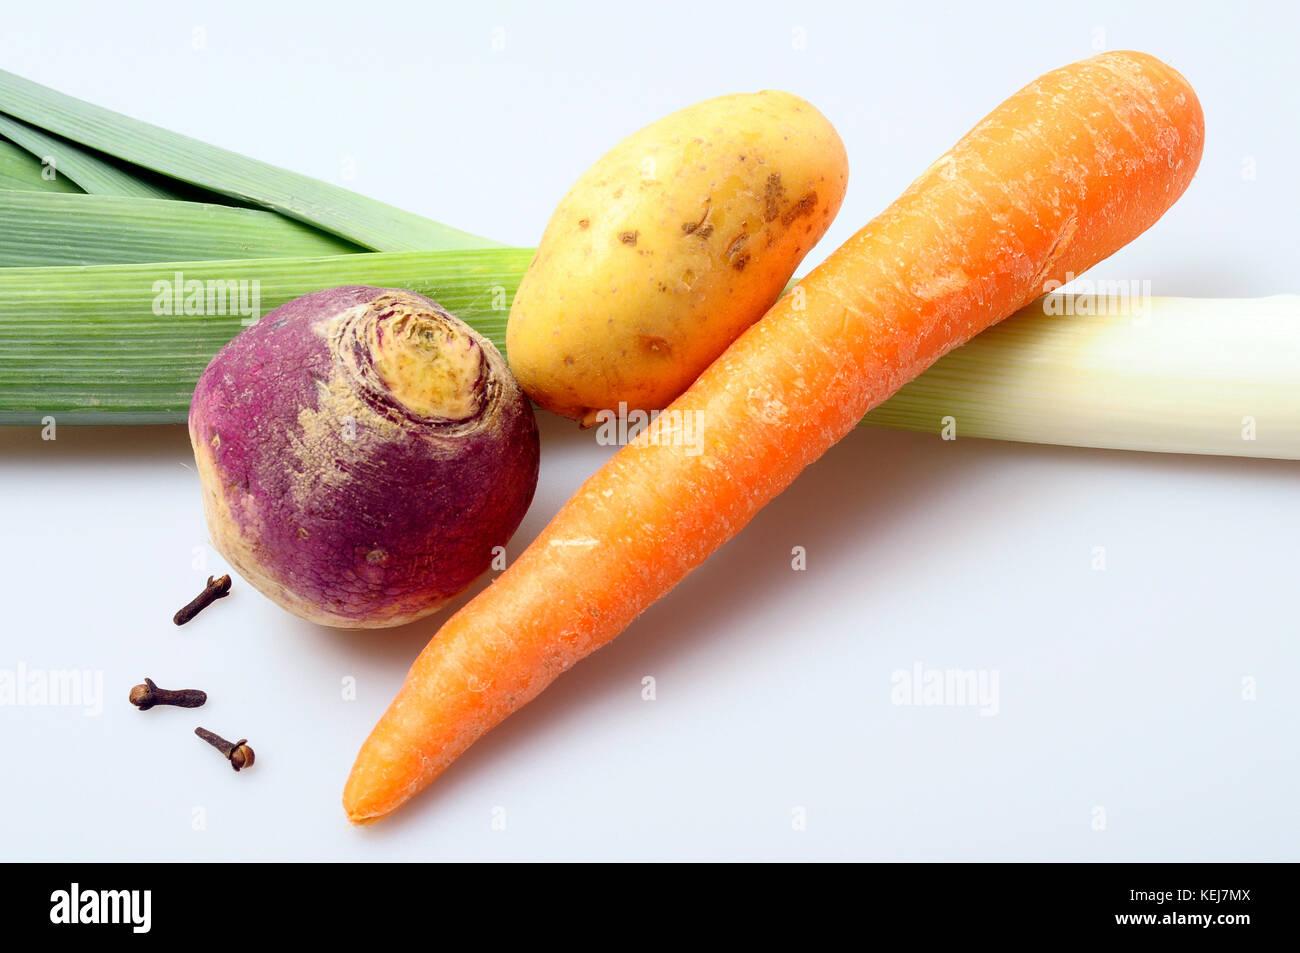 Ingrédients pour recette française du pot au feu: la carotte, poireau, pomme de terre, le navet, Photo Stock